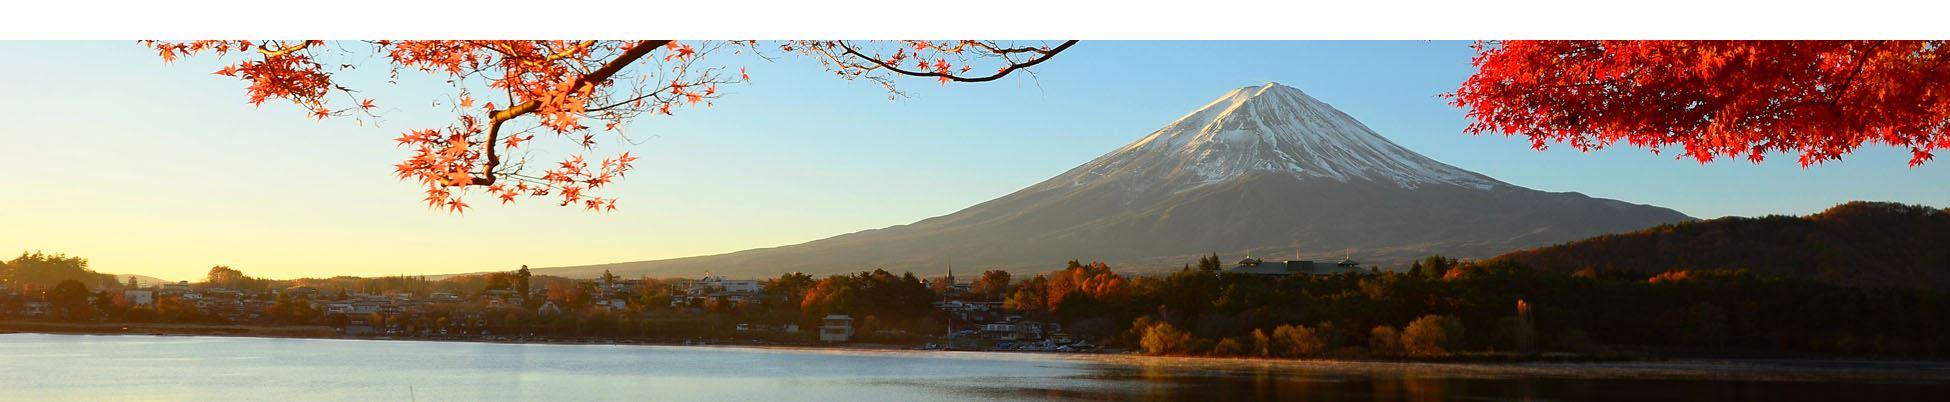 Fuji et momiji